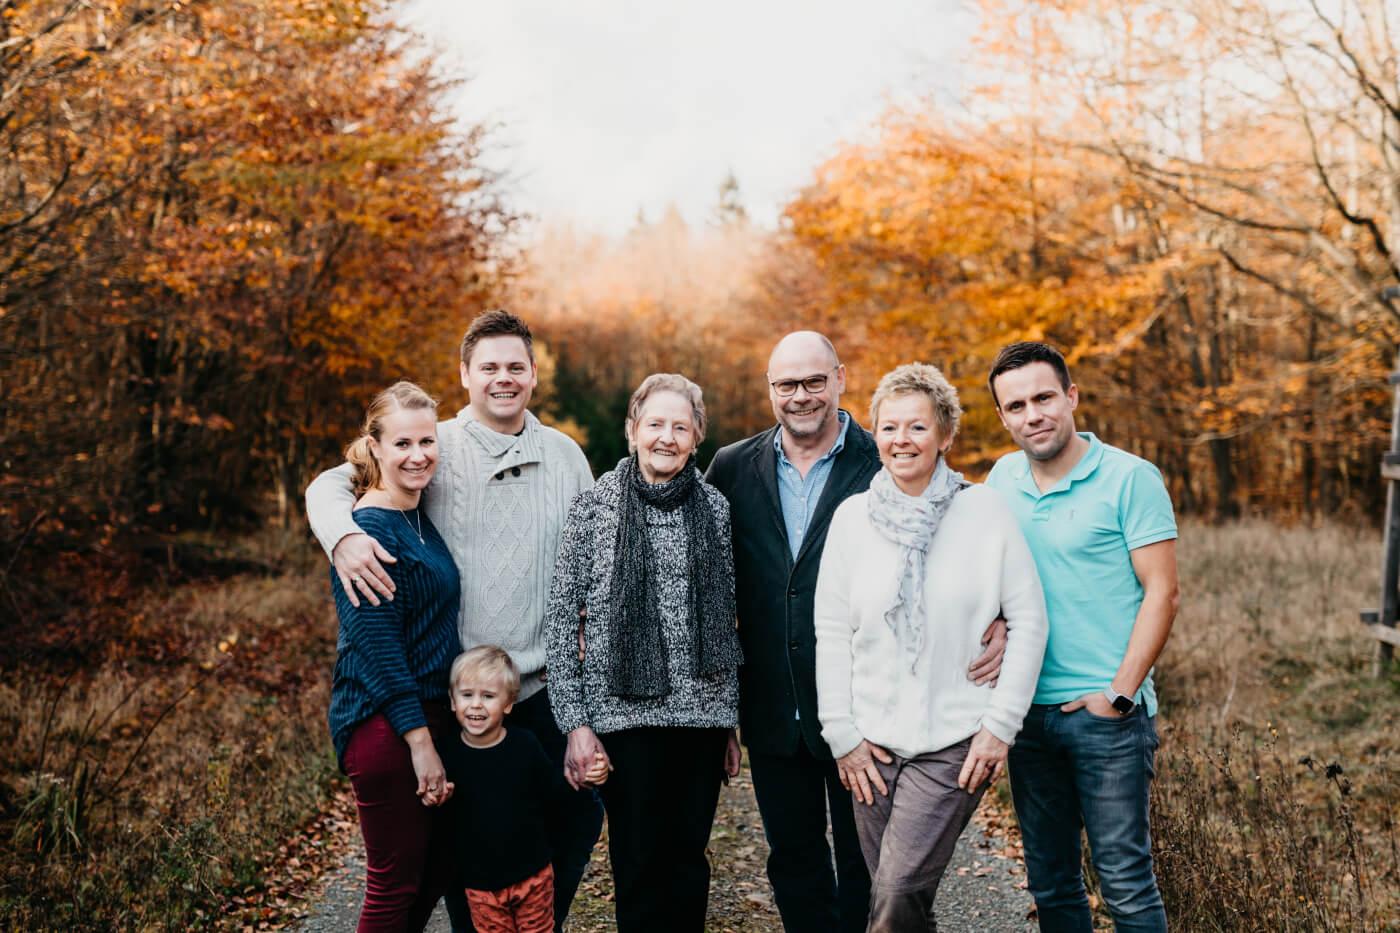 Die ganze Familie Fessel in vier Generationenauf einem Waldweg. Neben Hendrik und Olga Fessel mit Leo stehen Oma Lieschen, Erwin und Bettina Fessel und Christoph.